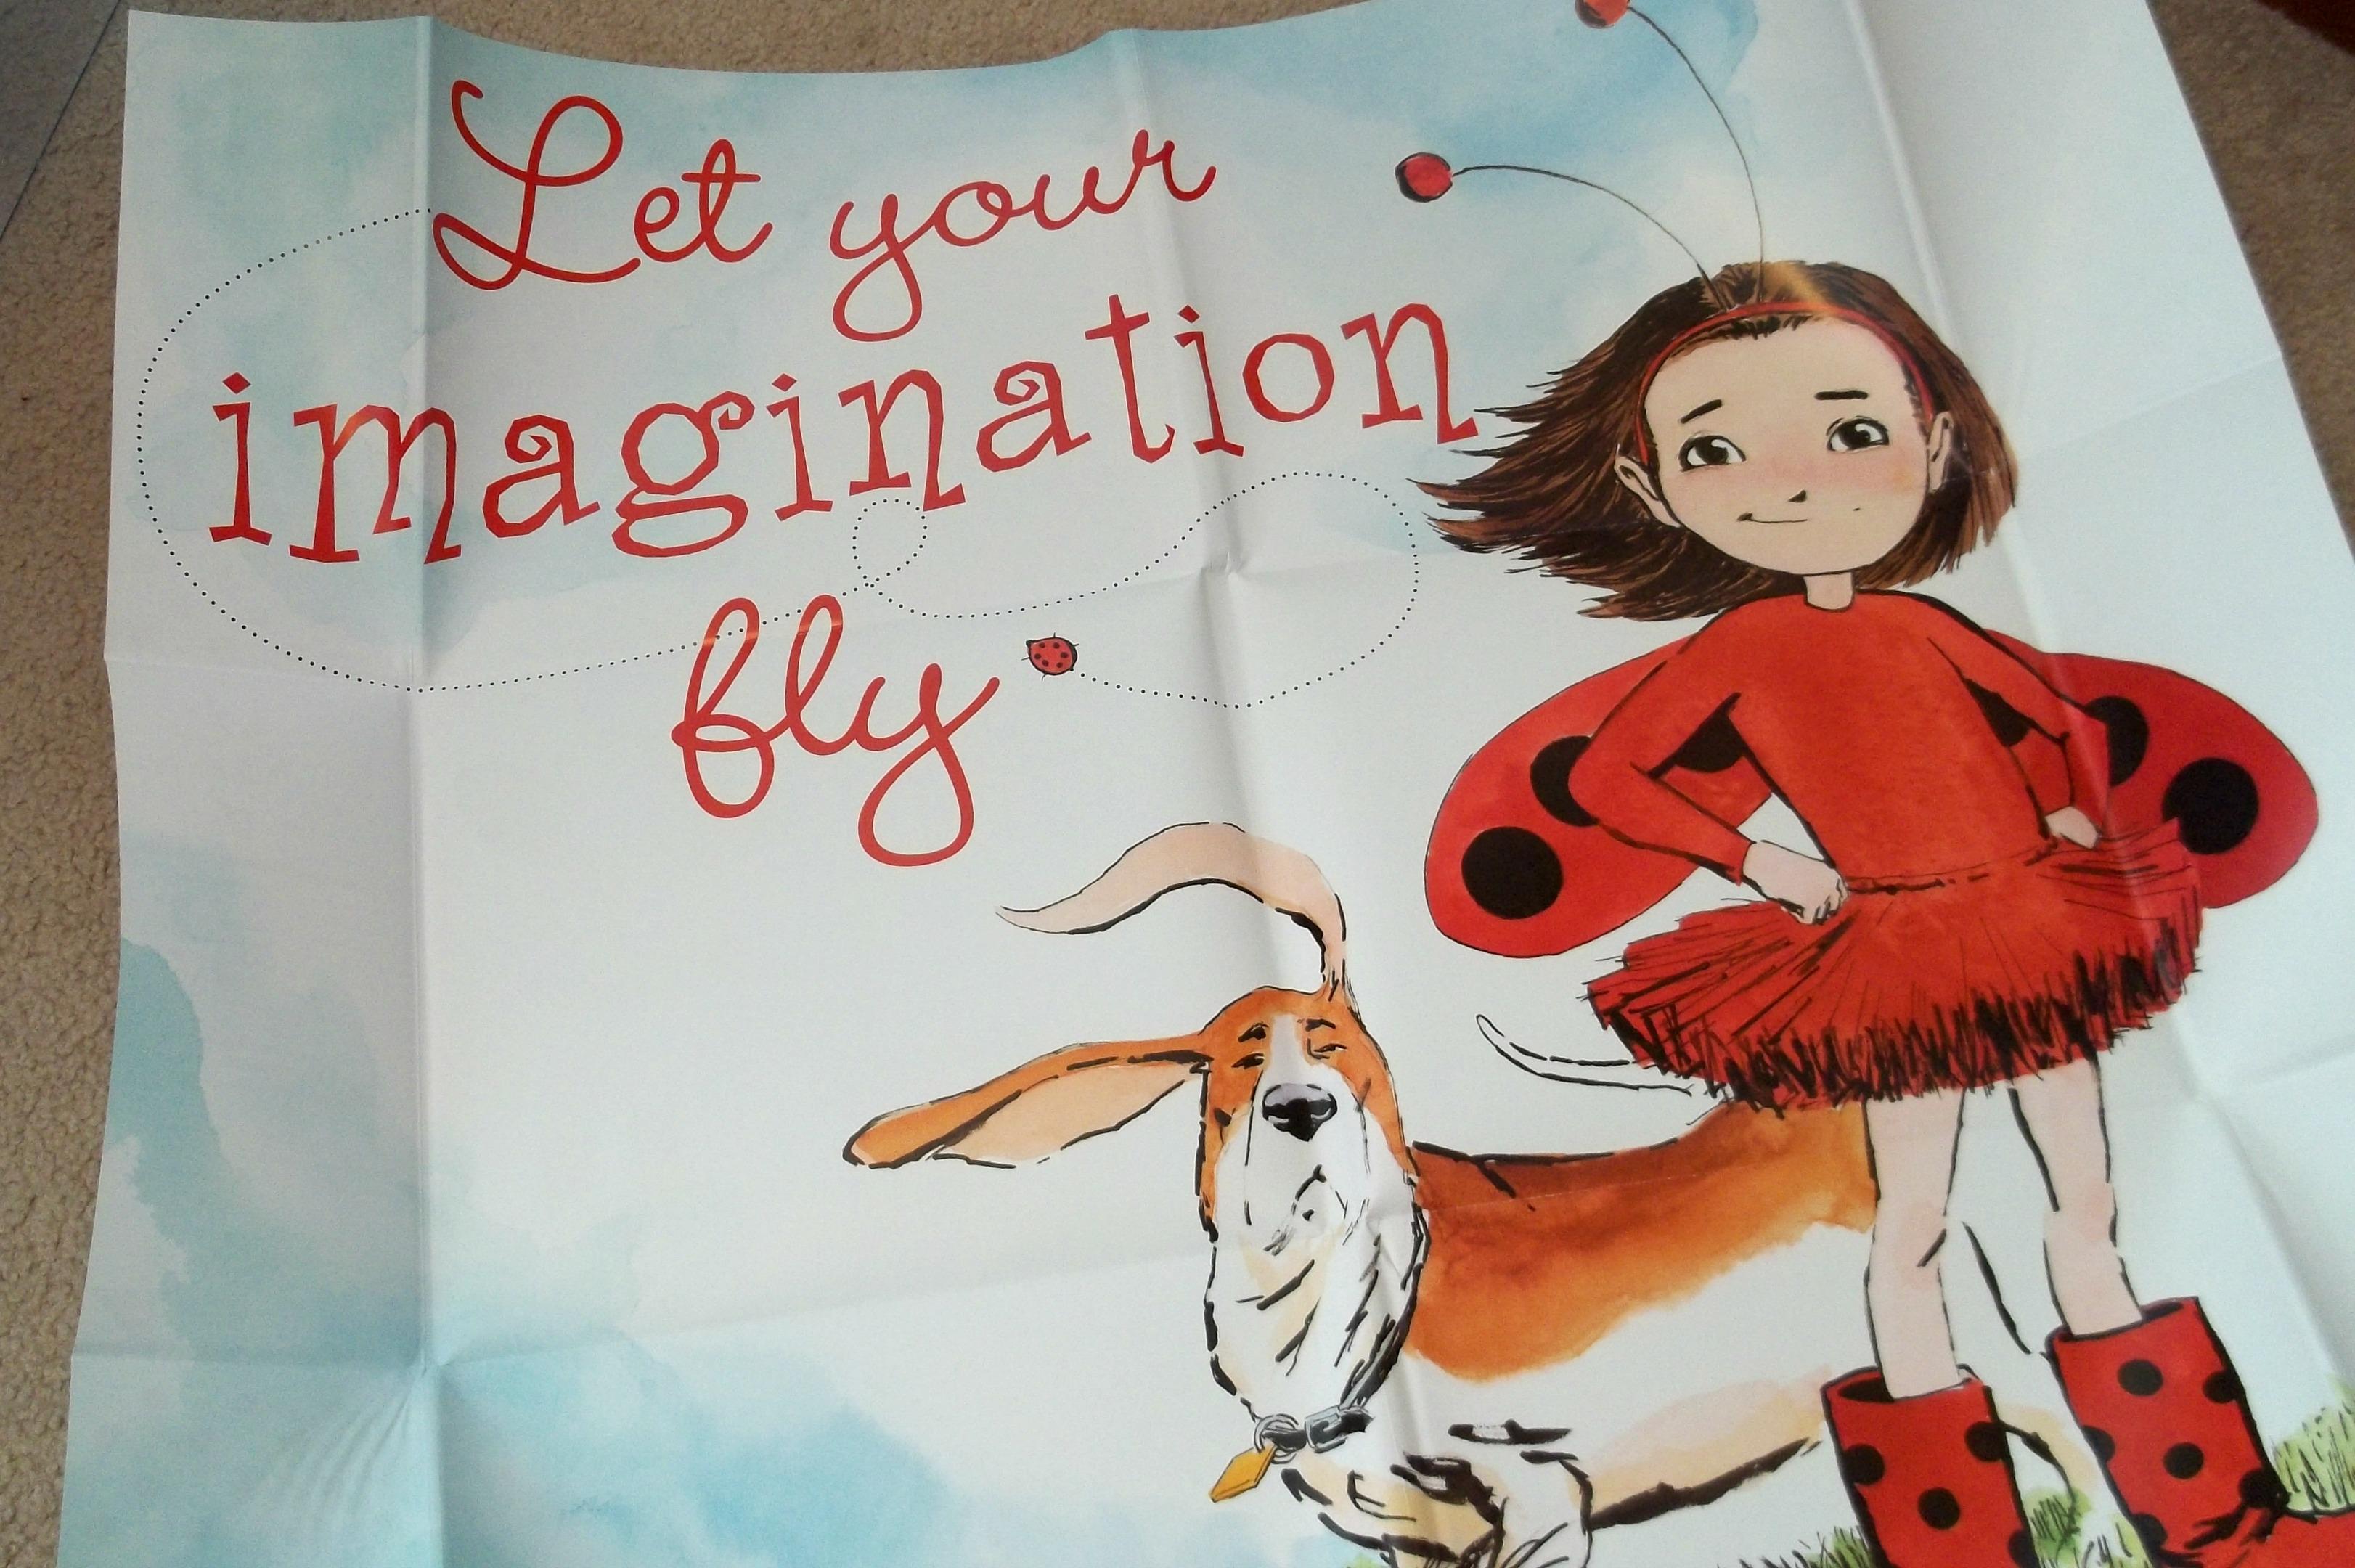 Ladybug Girl Gift Edition Poster